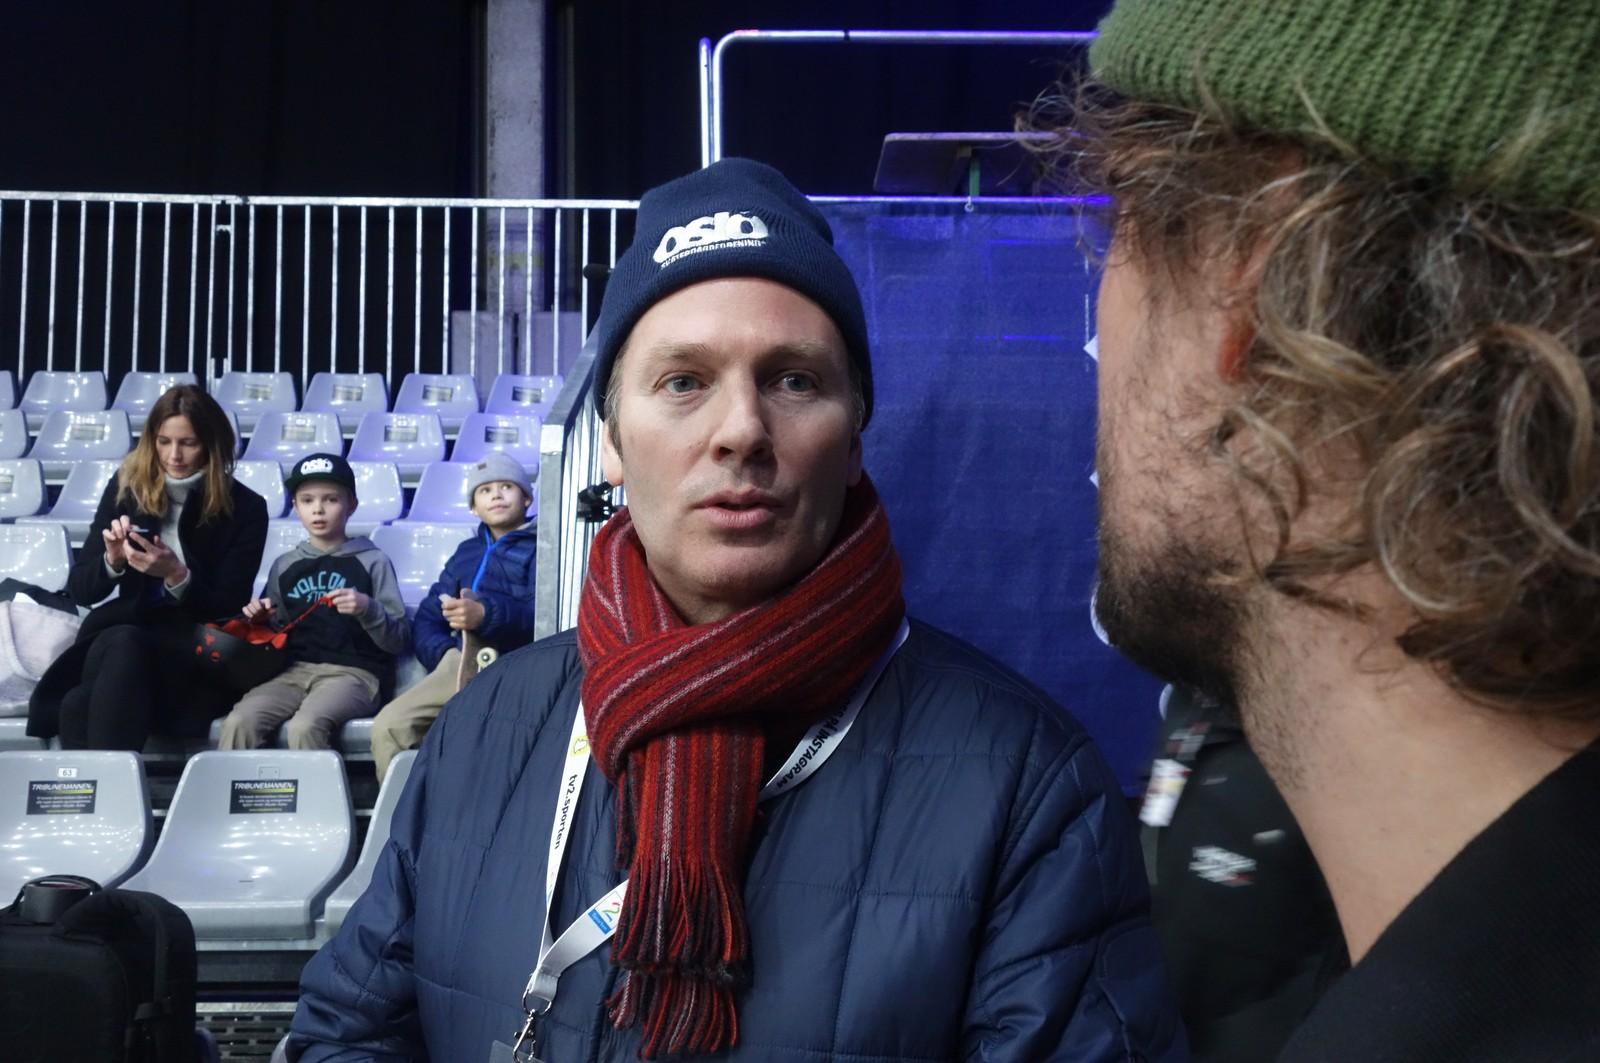 Oslo kommune og Oslo Skateforening samarbeider om å åpne skatehallen for alle så raskt som råd er. Petter Hatlem håper den kan åpne før 1. april.